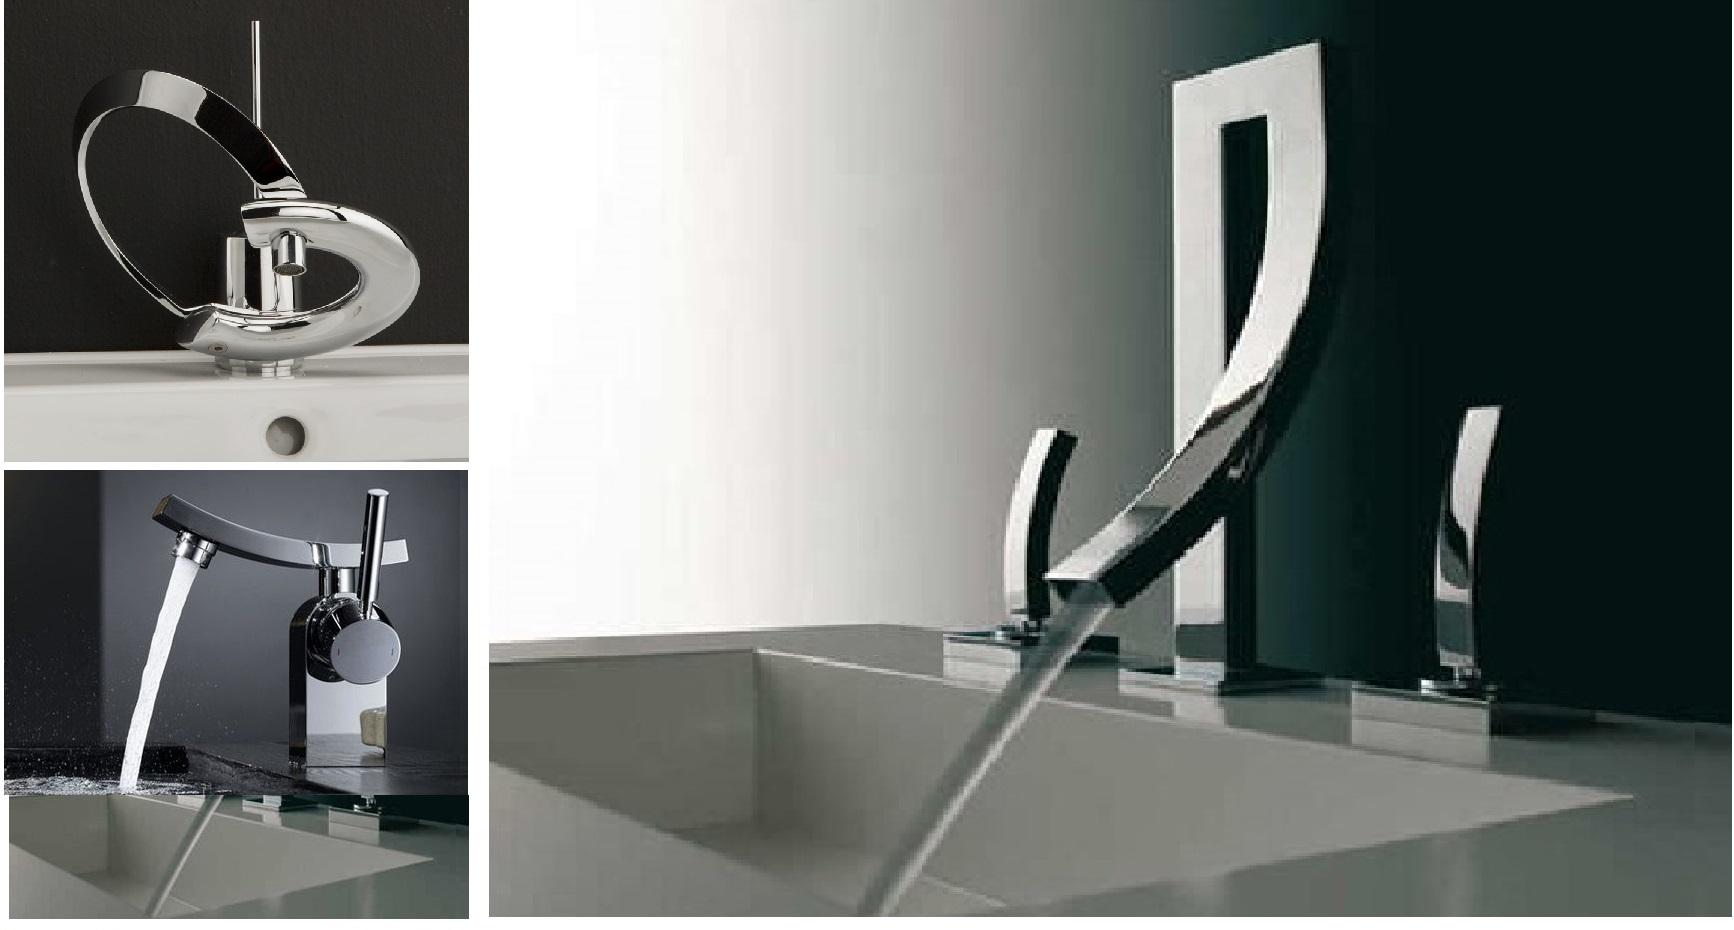 contemporary bathroom faucets image